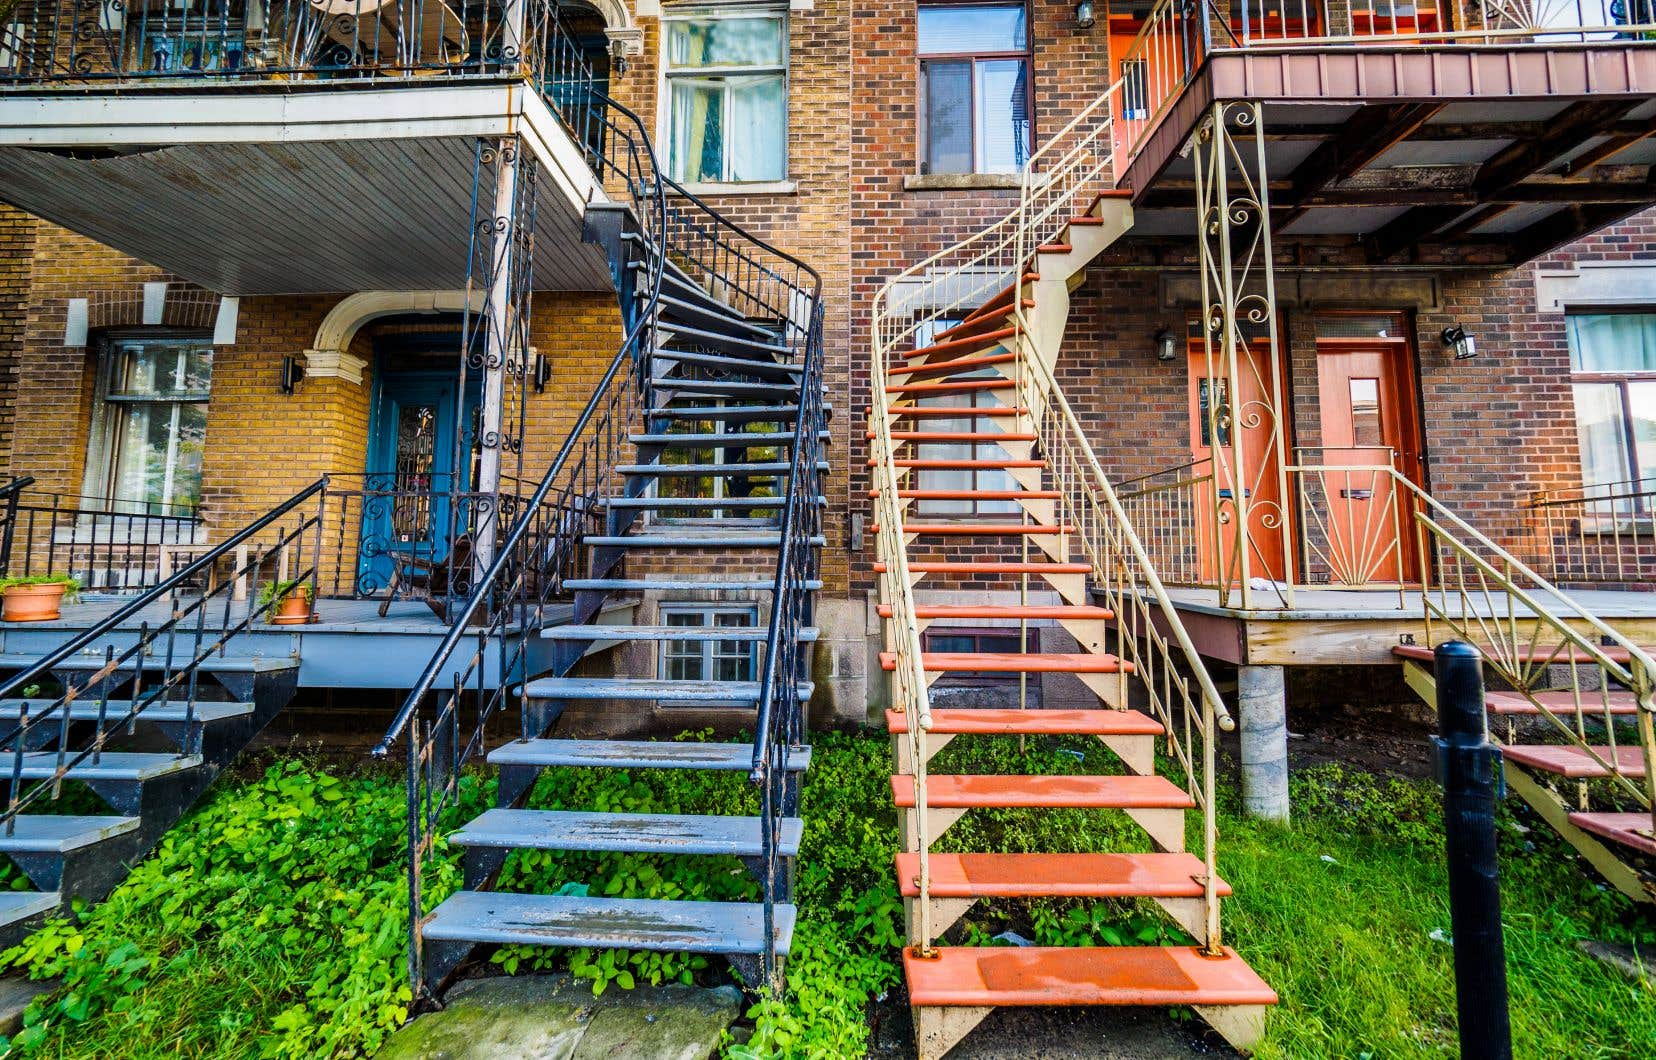 L'agence fédérale du logement dit avoir l'intention de donner aux prêteurs plus d'orientation et de flexibilité pour aider les emprunteurs autonomes.